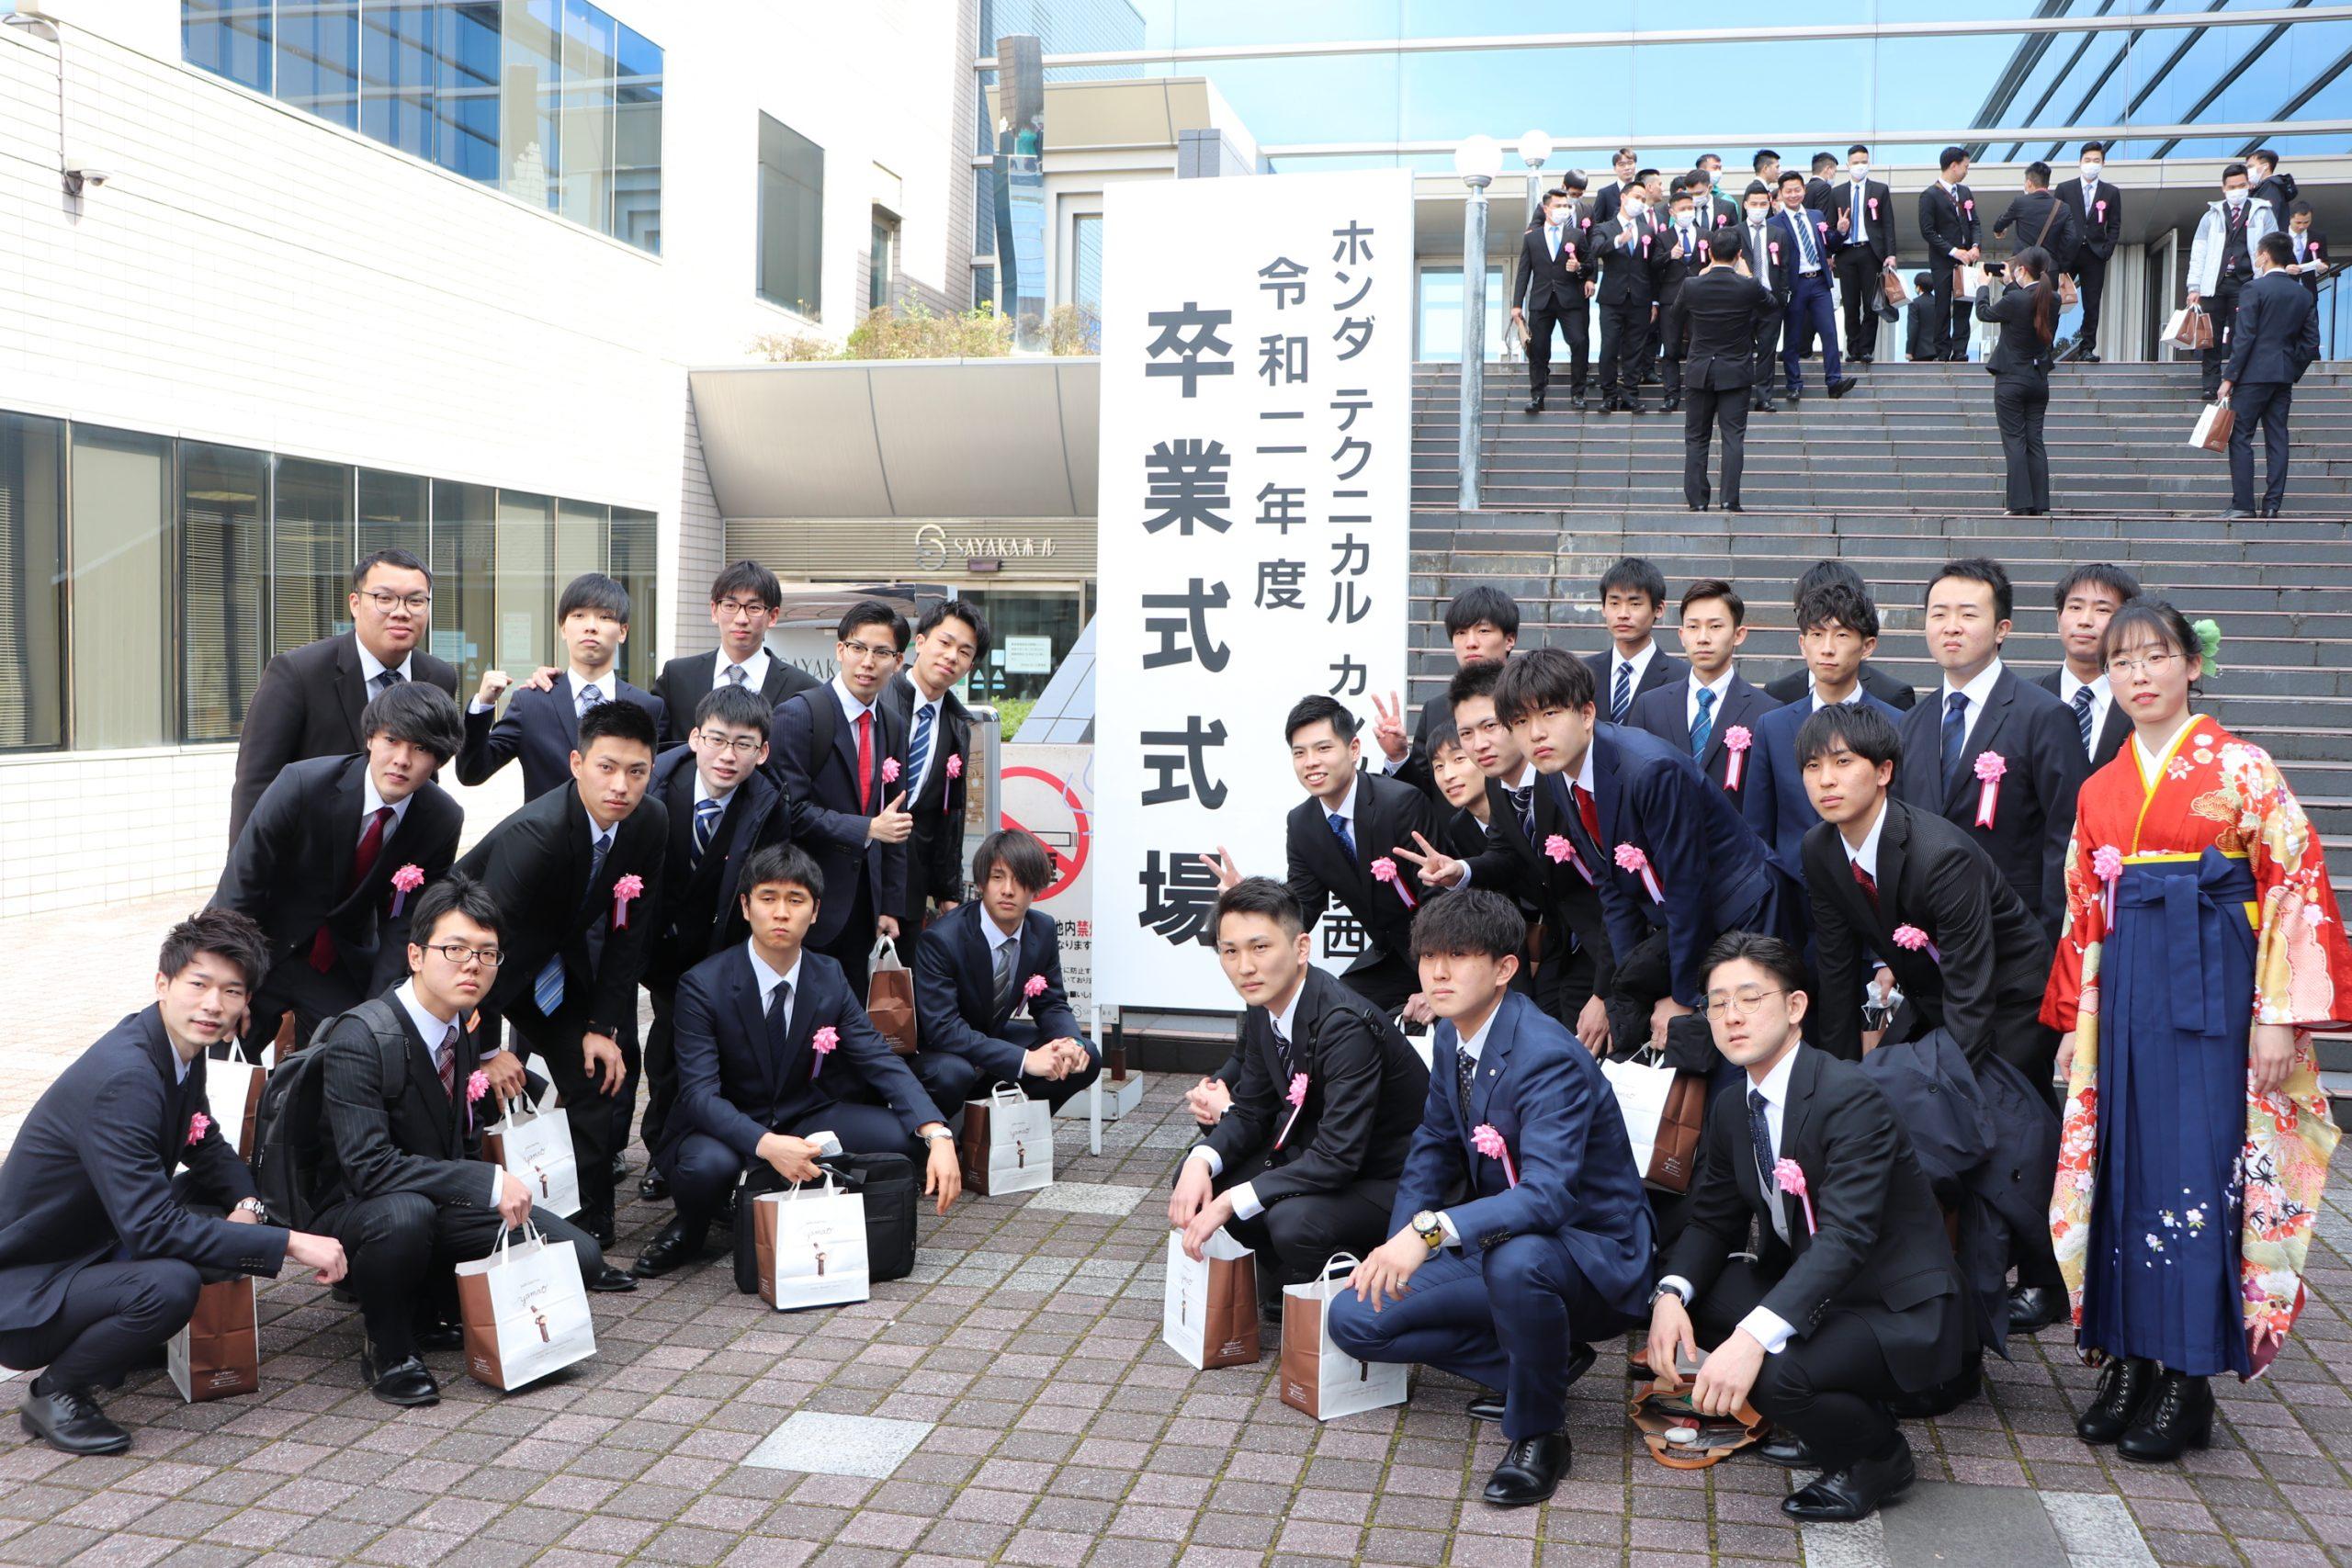 【開催】令和2年度 卒業式@3月11日(木)